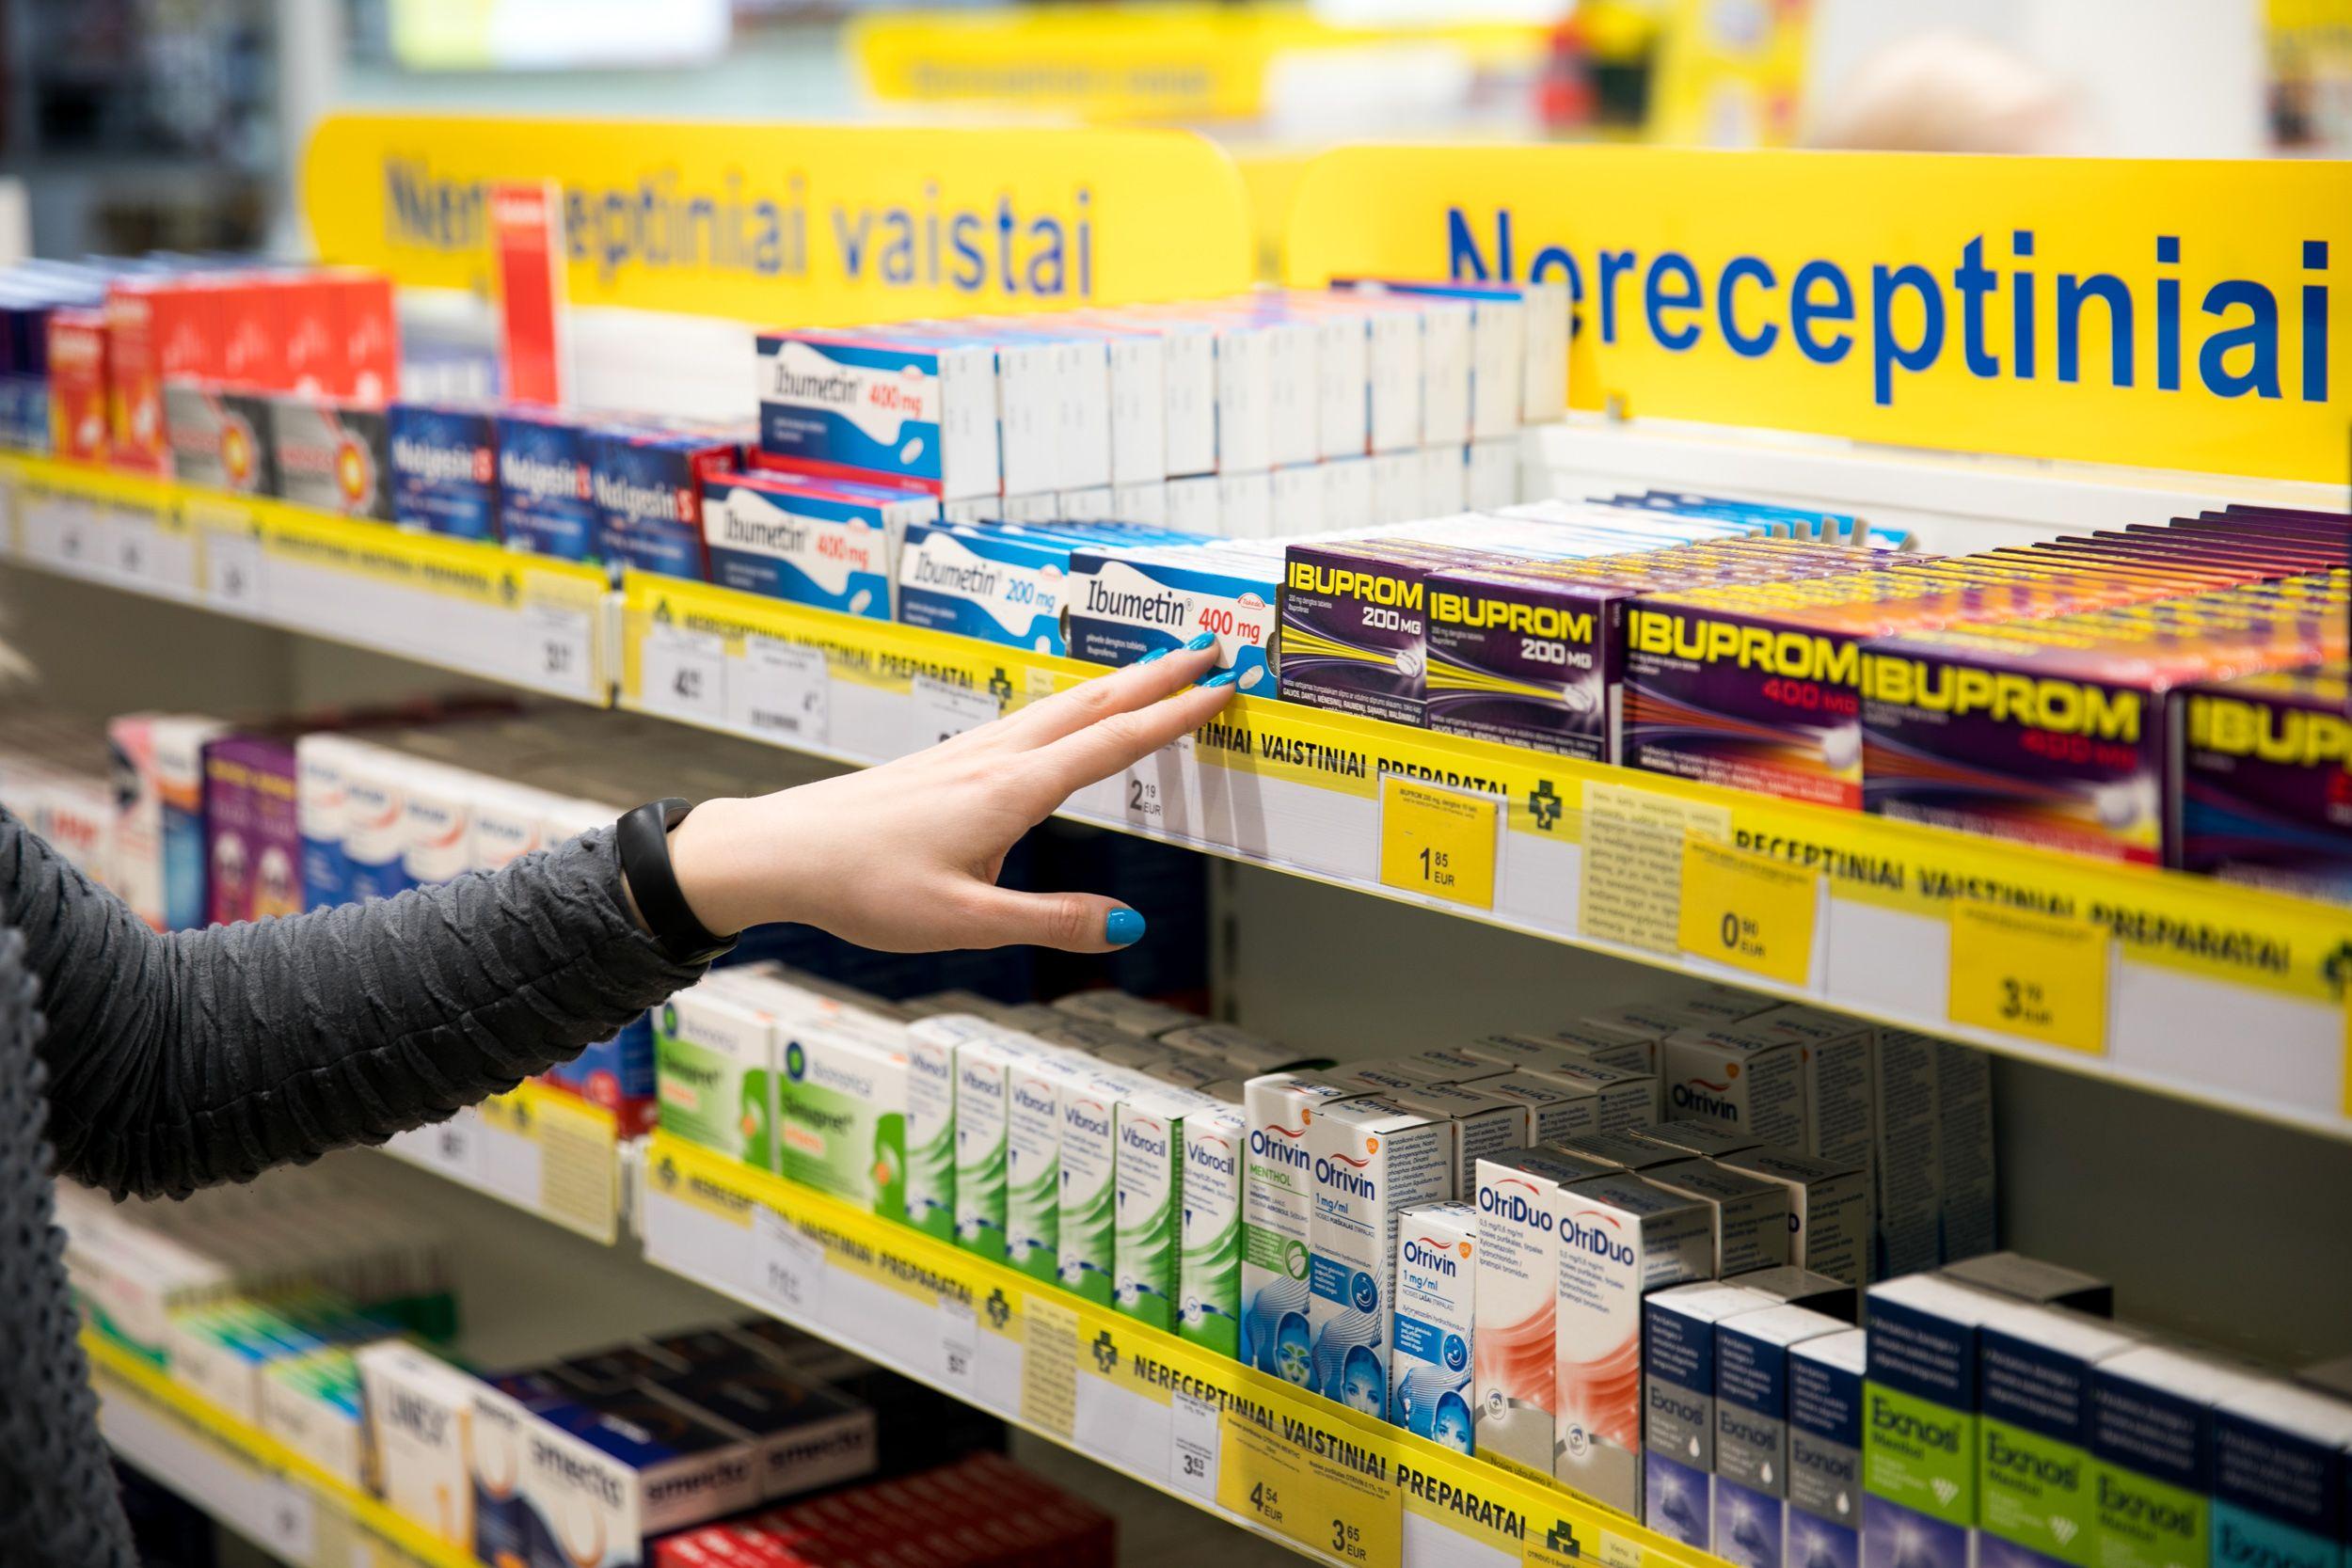 Vaistinės lentynoje - vaistai nuo skausmo